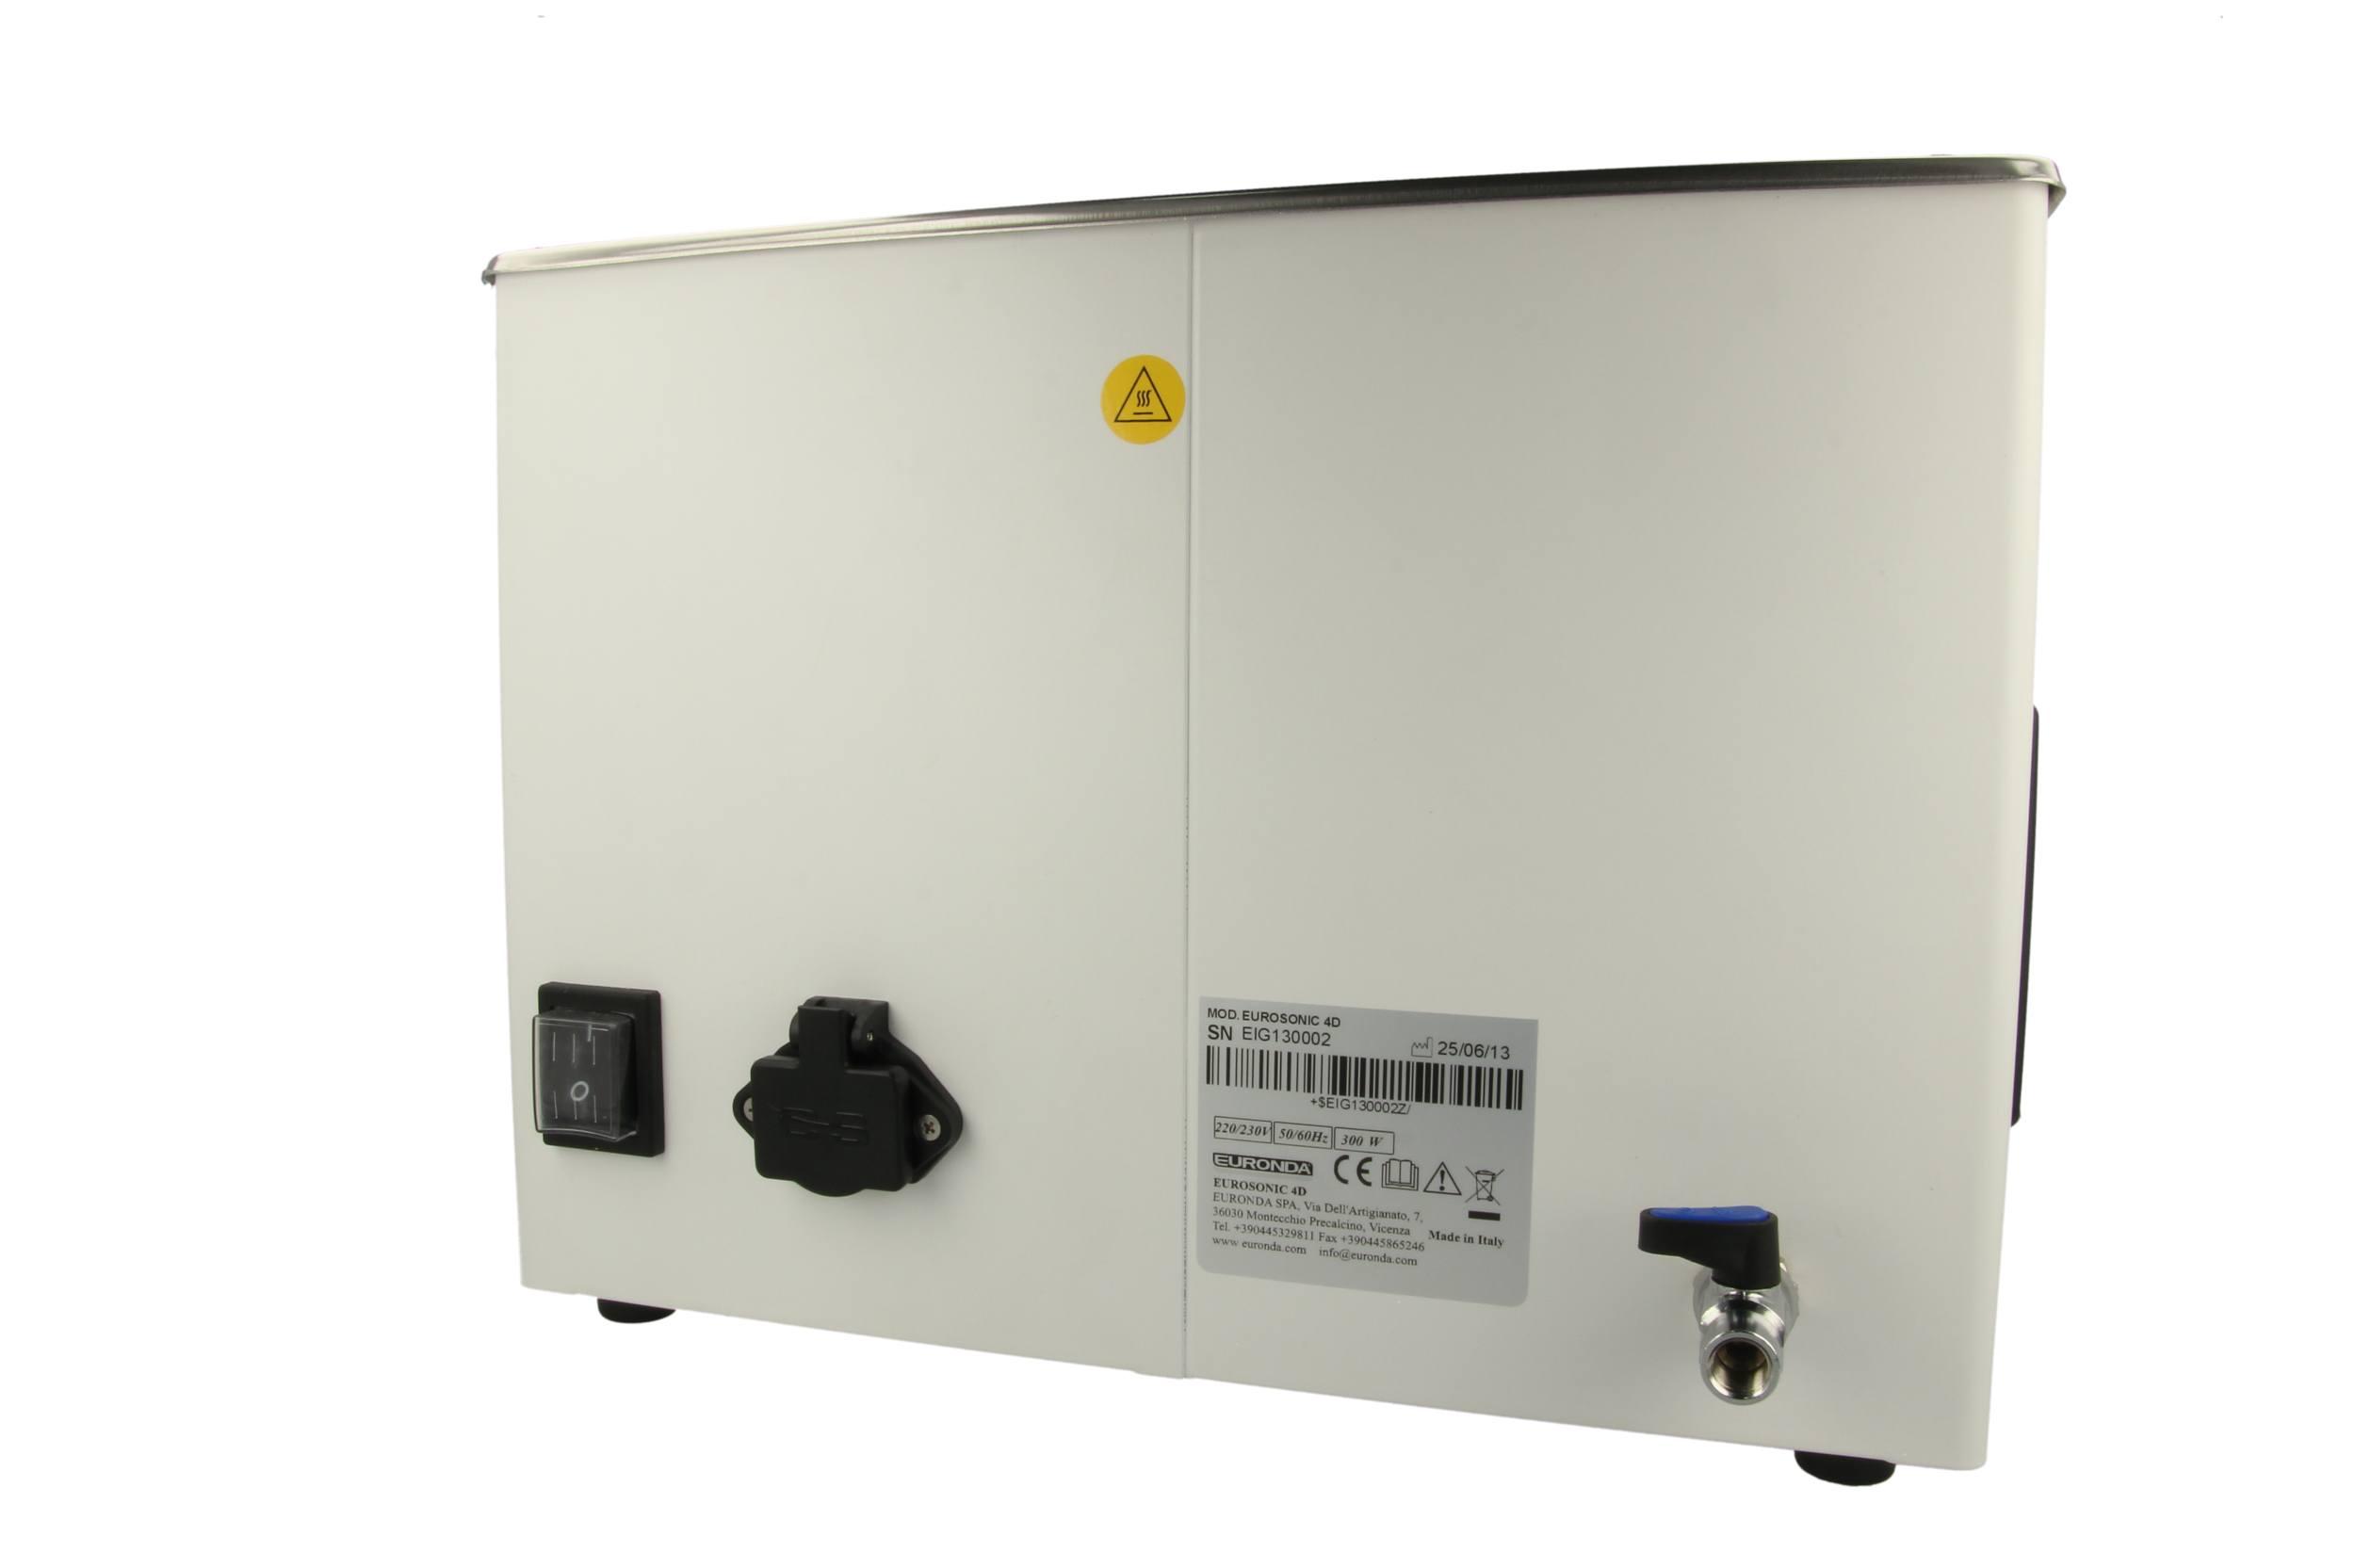 Eurosonic Ultraschallreinigungswanne 4D mit Wasserablauf